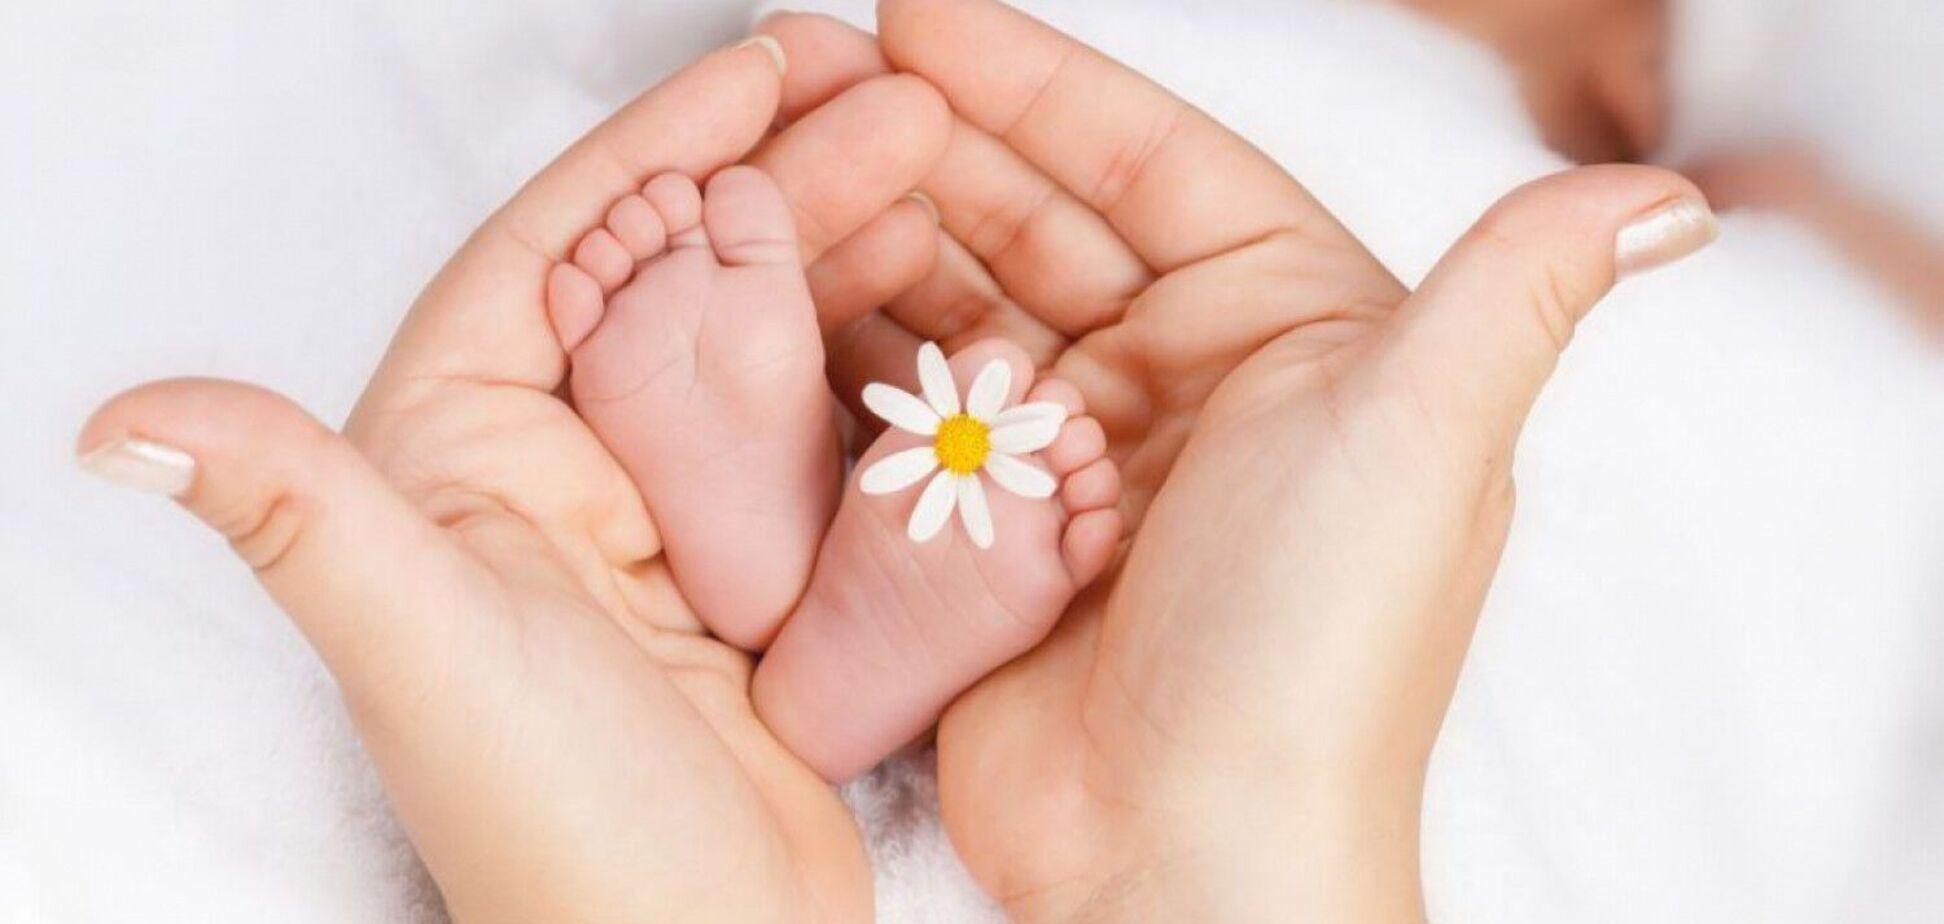 Время первого секса и рождения ребенка заложены в ДНК человека – британские ученые